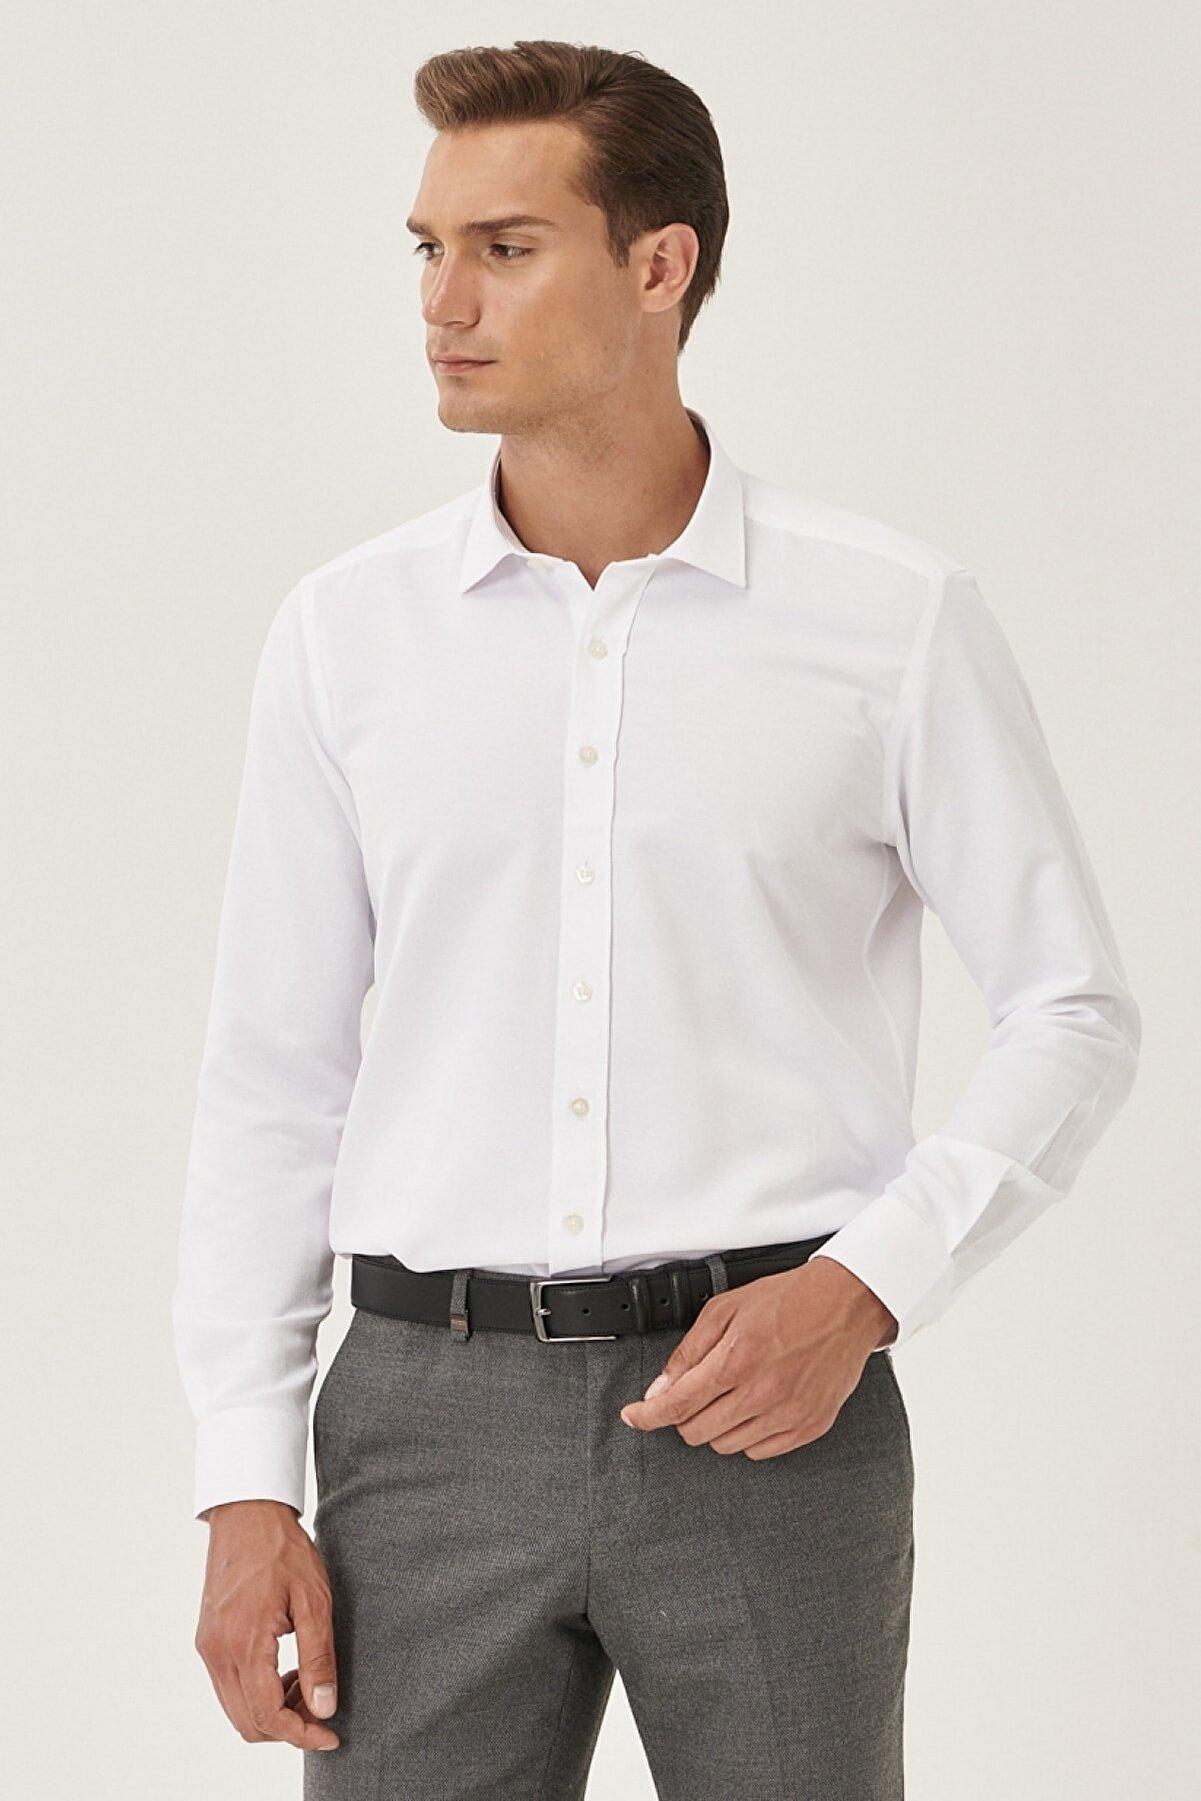 Altınyıldız Classics Erkek Beyaz Tailored Slim Fit Klasik Yaka Armürlü Gömlek